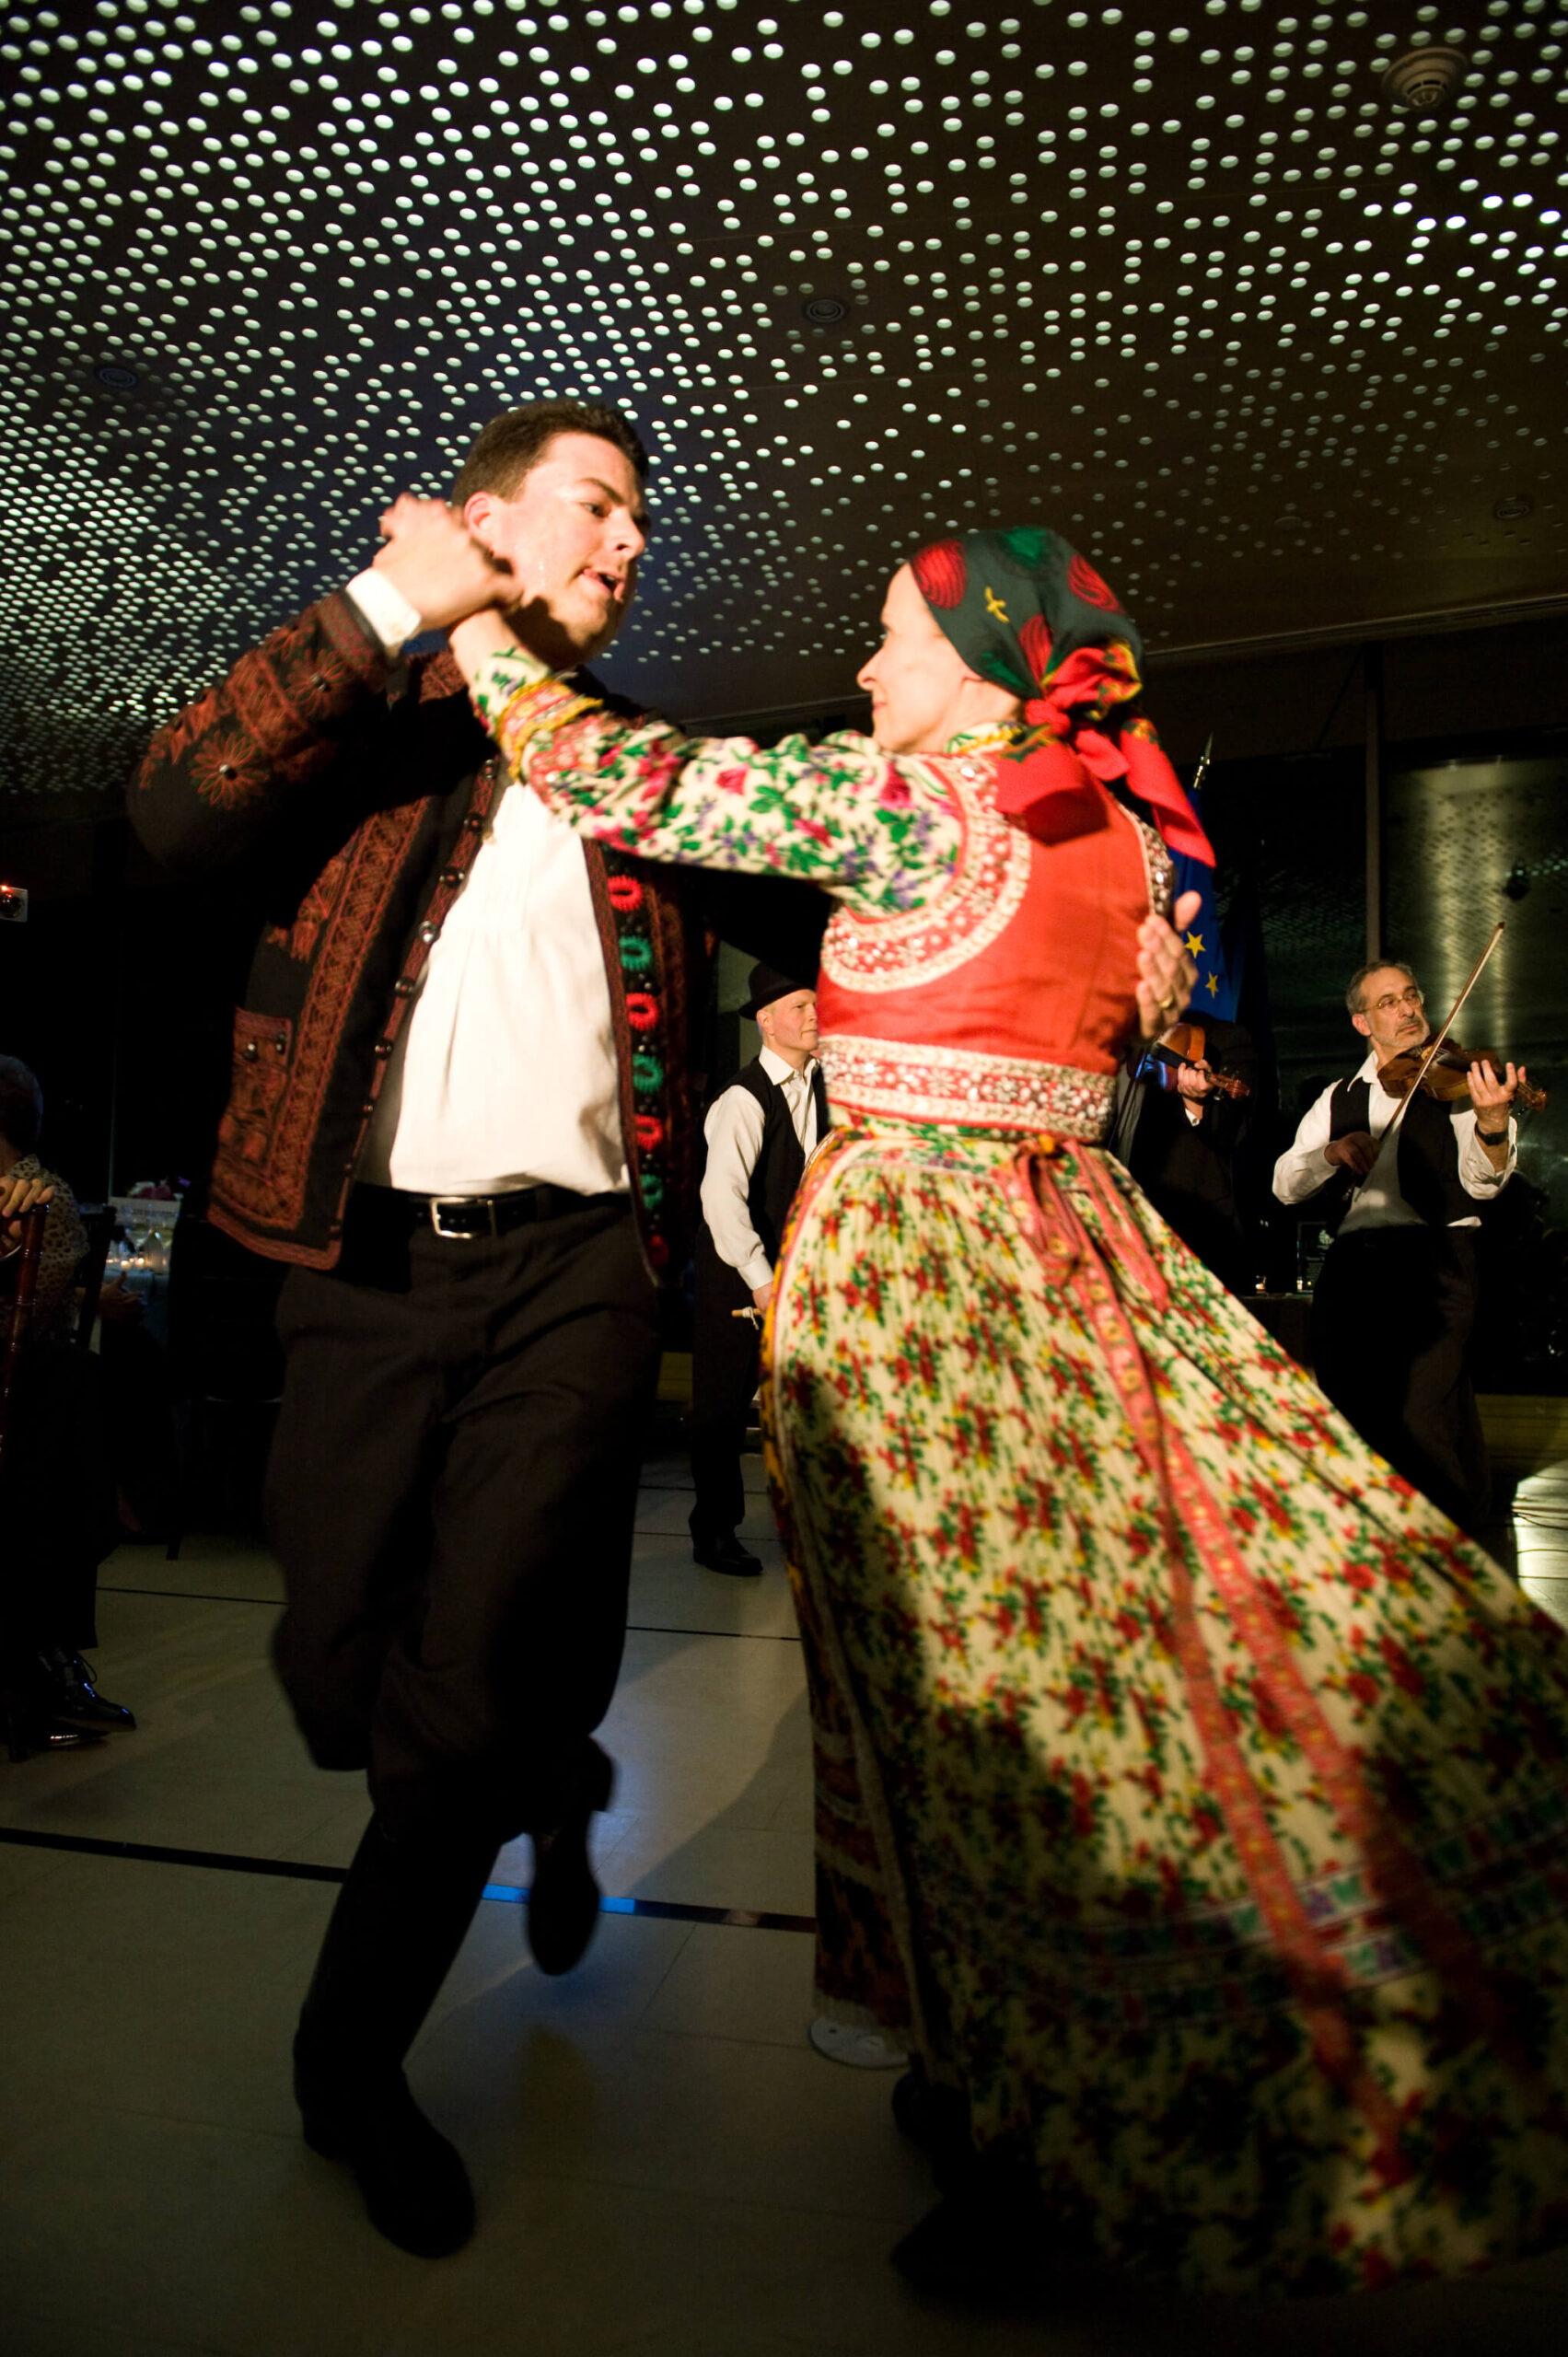 Tisza Folk Ensemble dance performance from Kalotaszeg